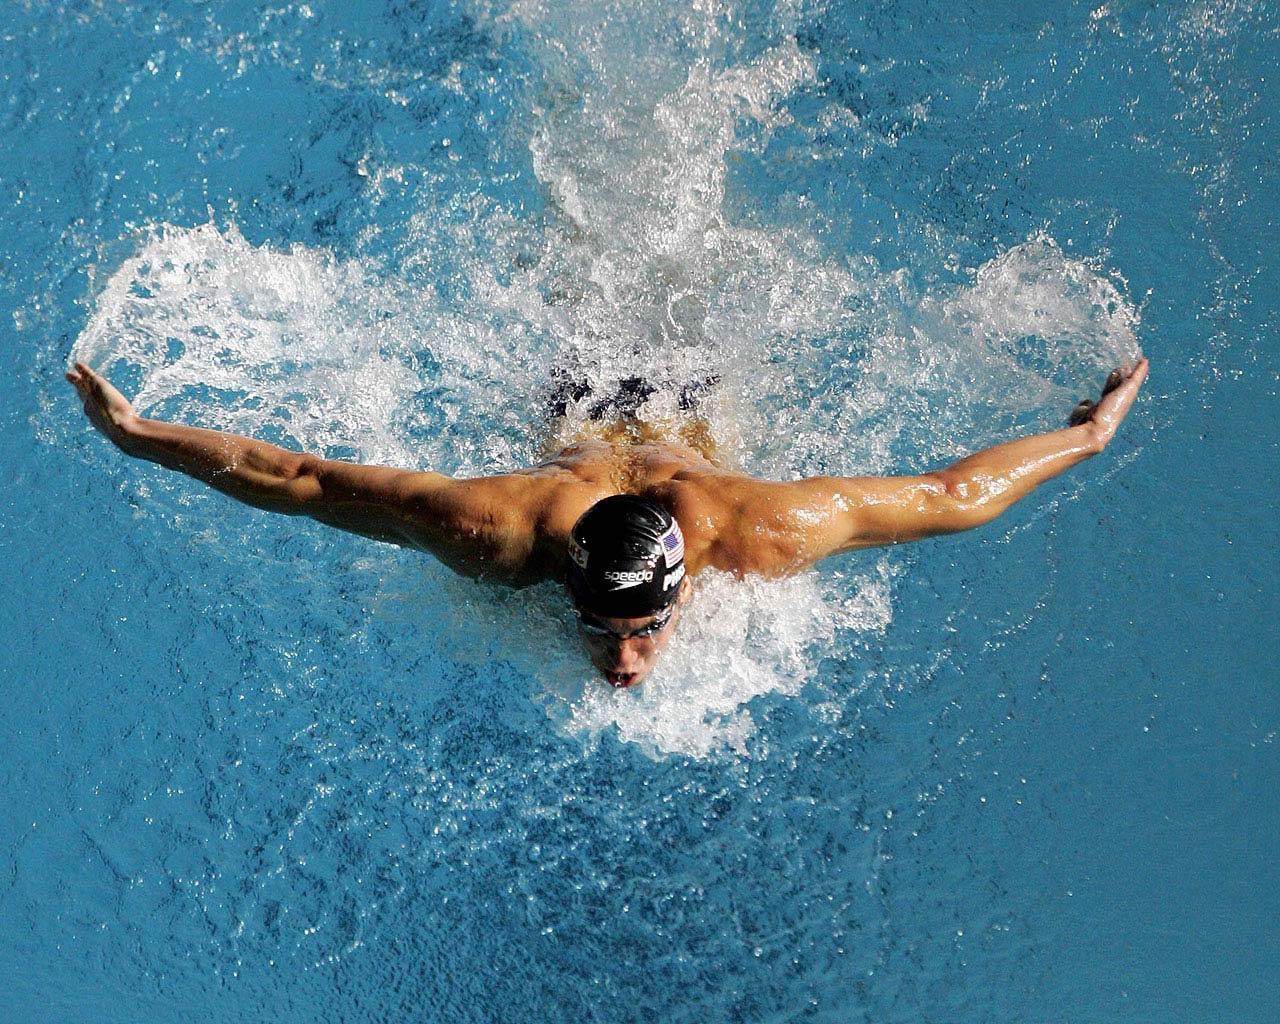 natacion, adelgazar, tonificar, beneficios, ventajas, deporte